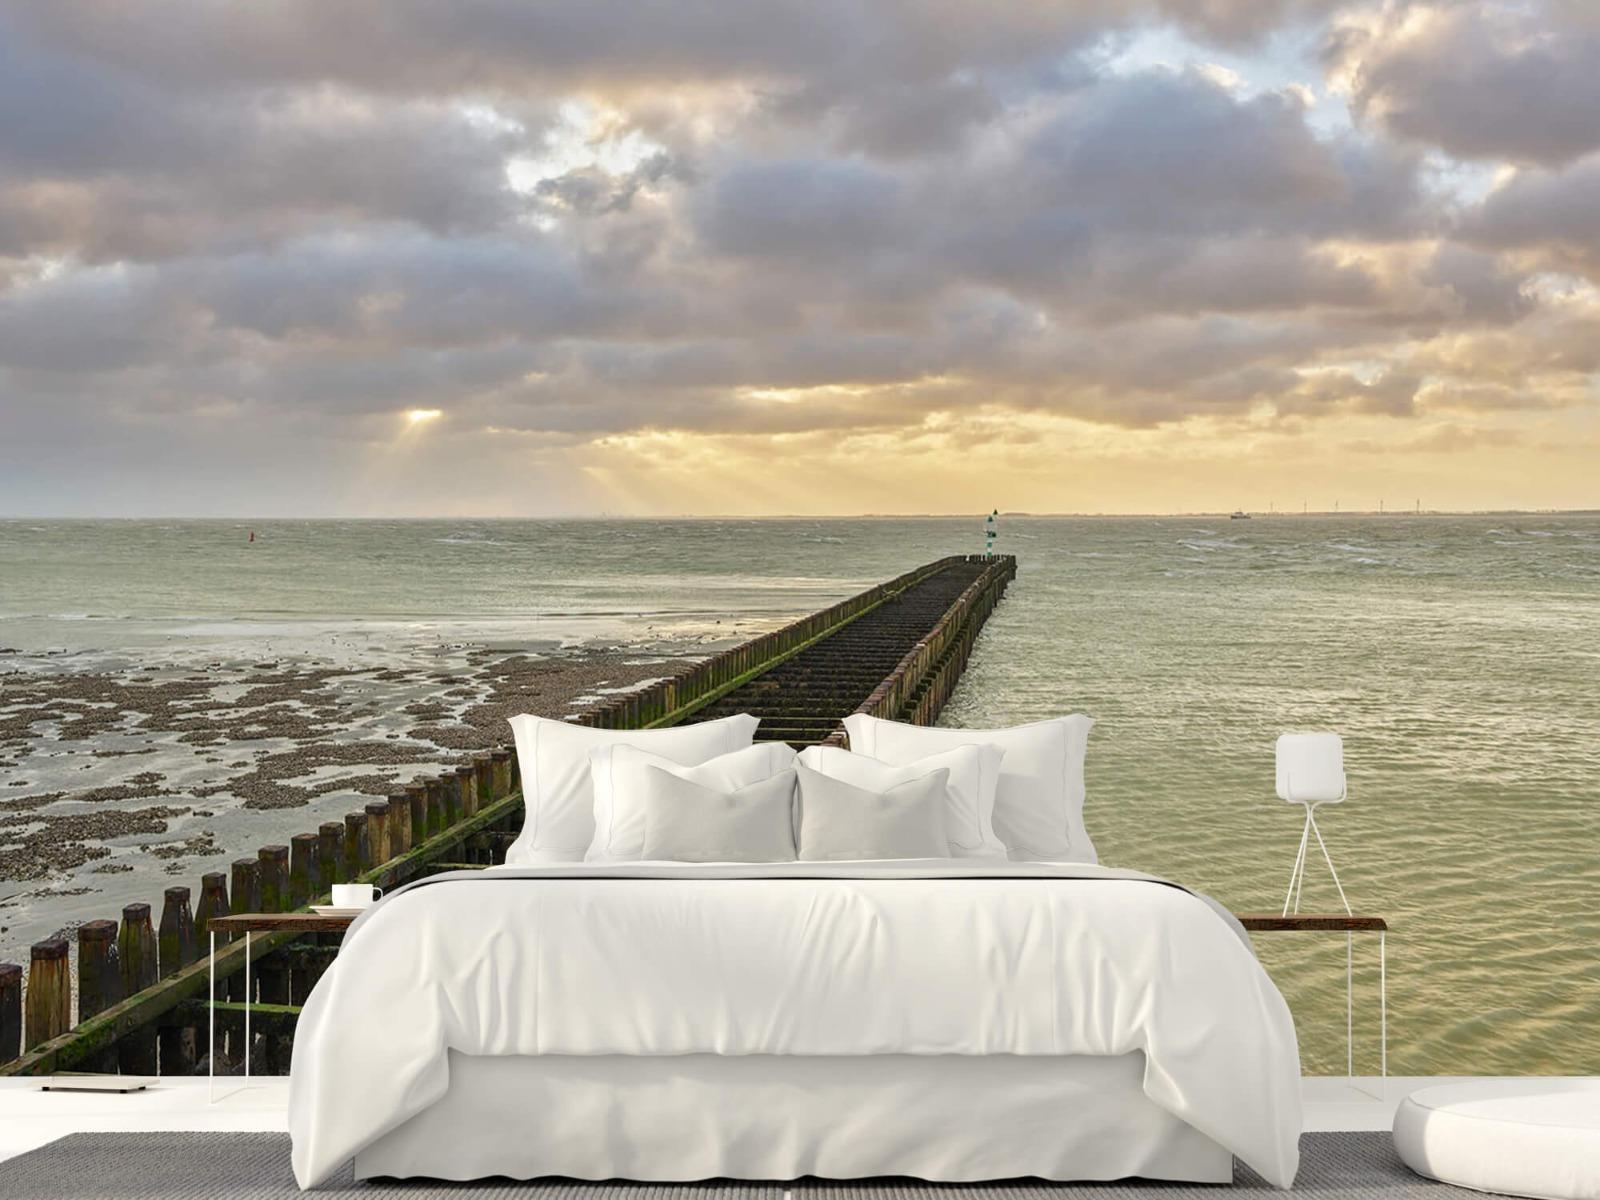 Zeeën en Oceanen - Golfbreker aan de kust - Slaapkamer 23